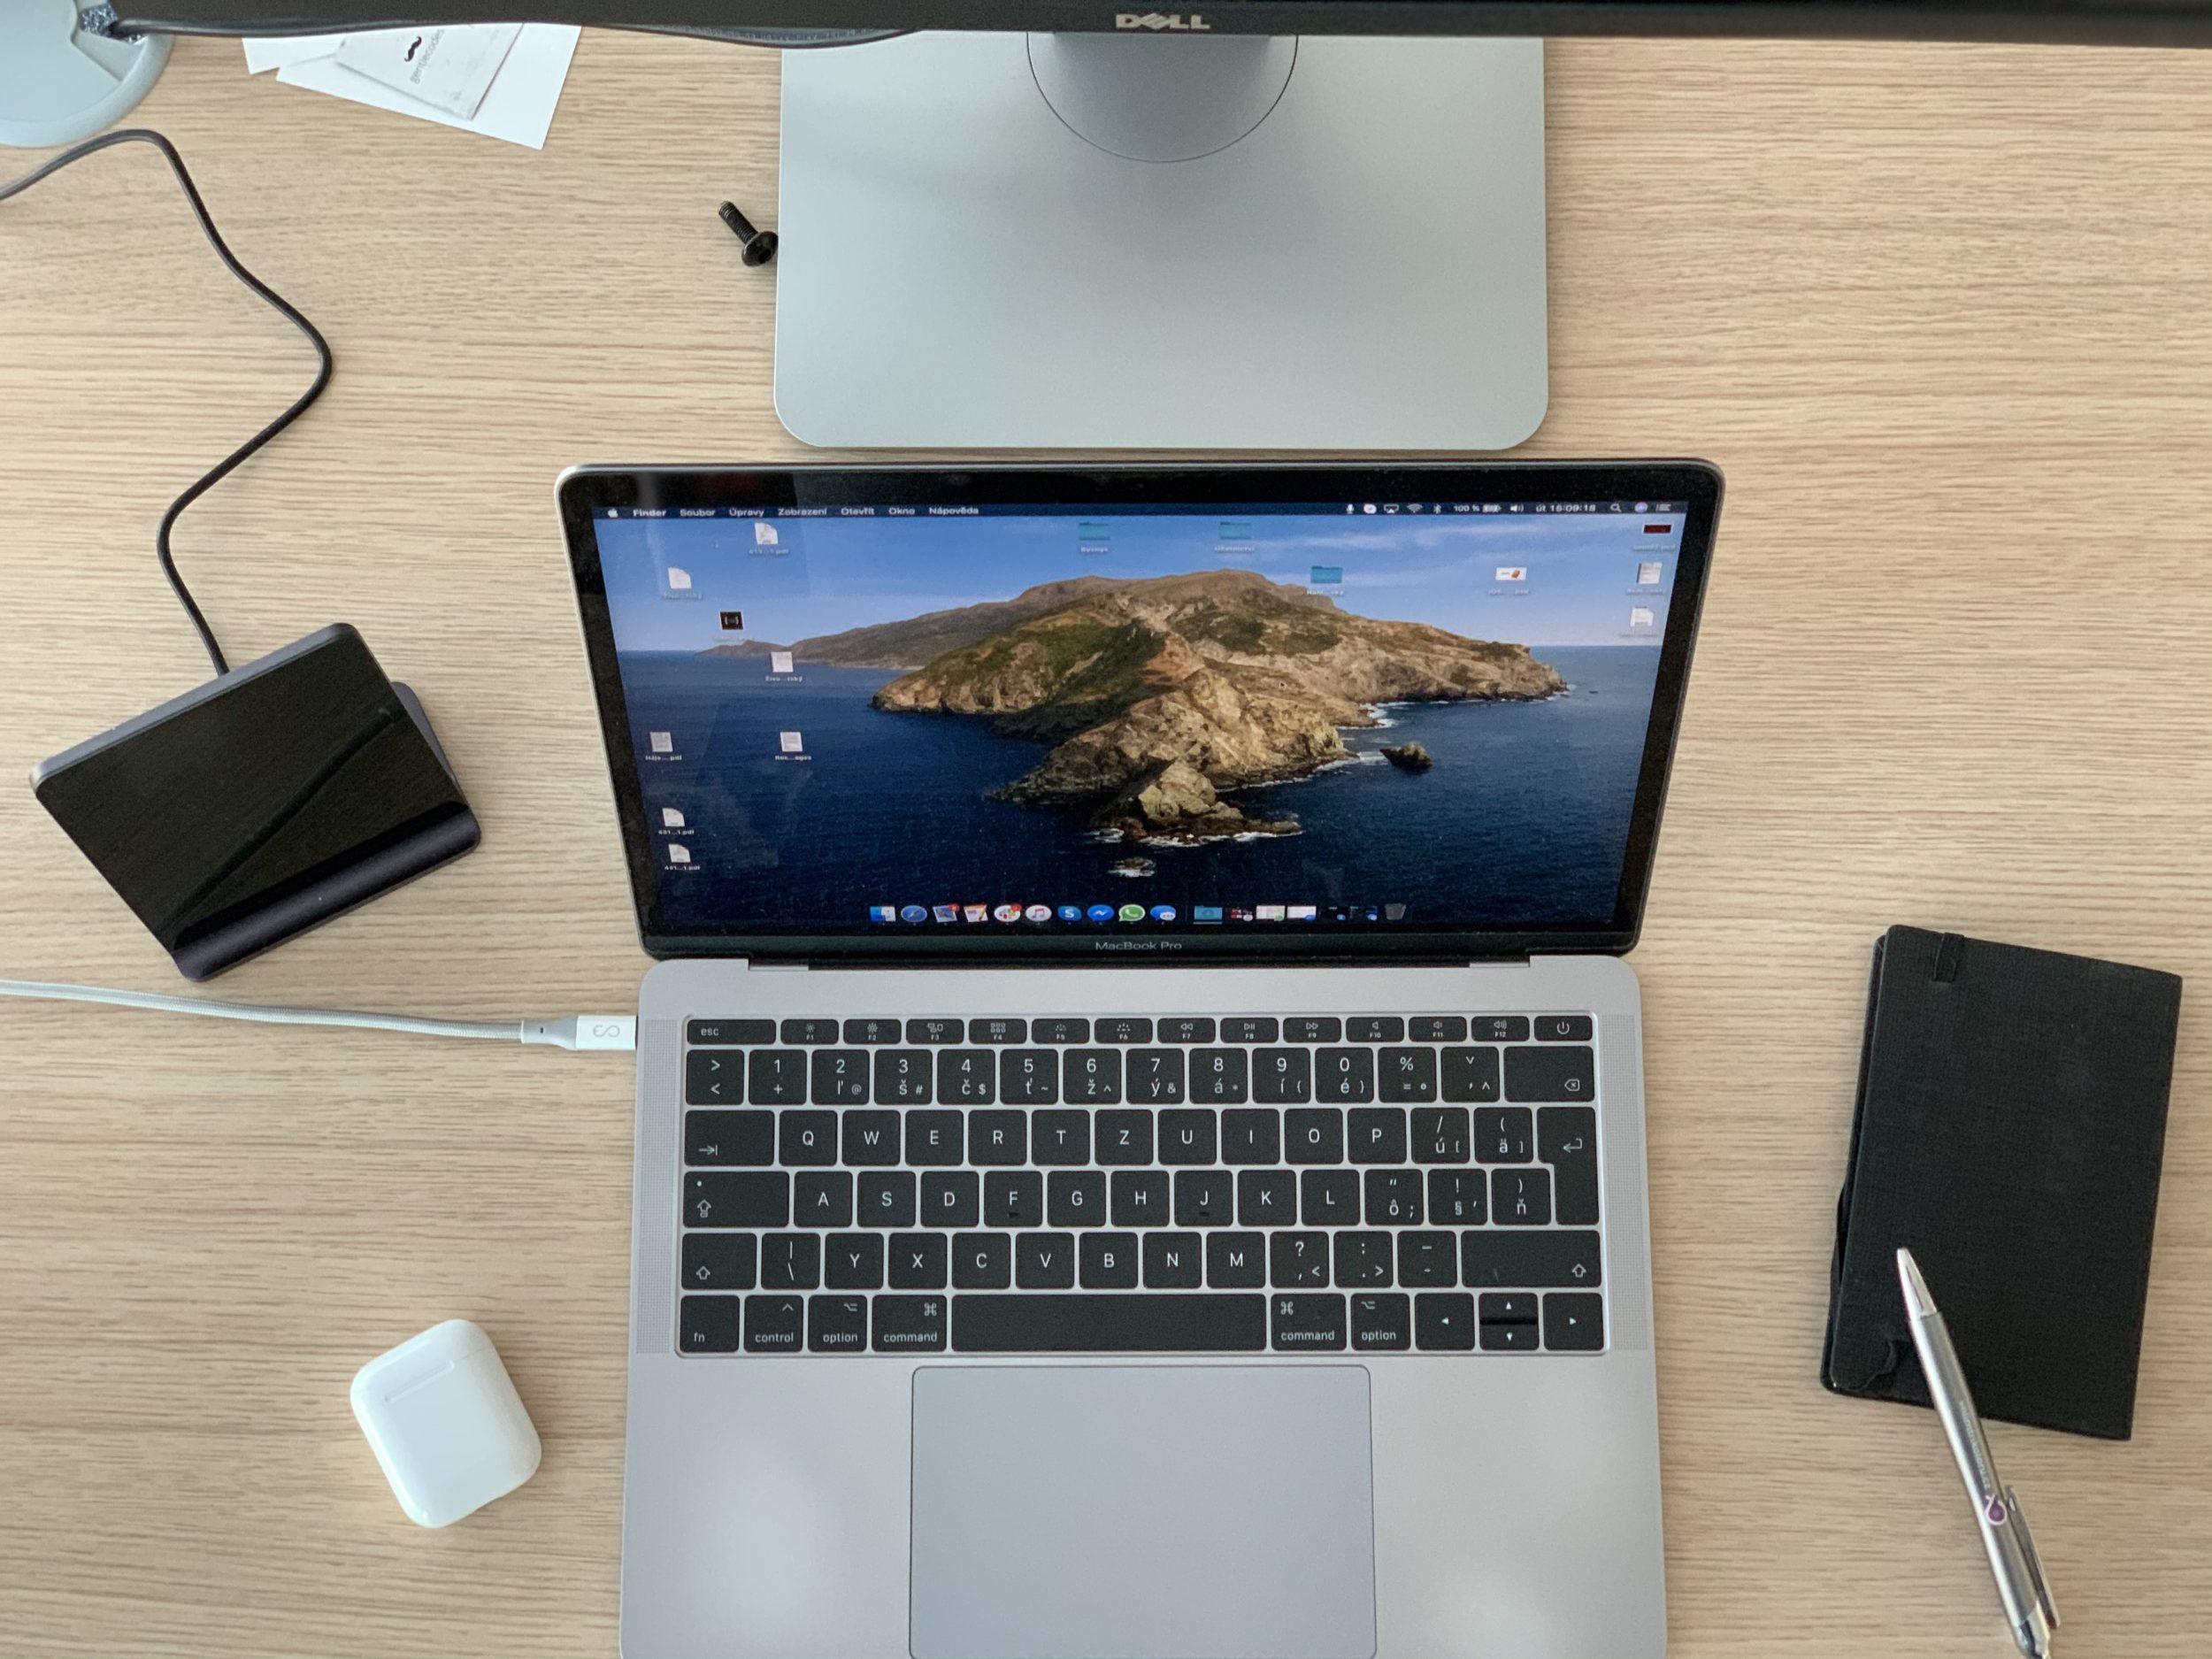 Home Office – jak být produktivní [zkušenost]